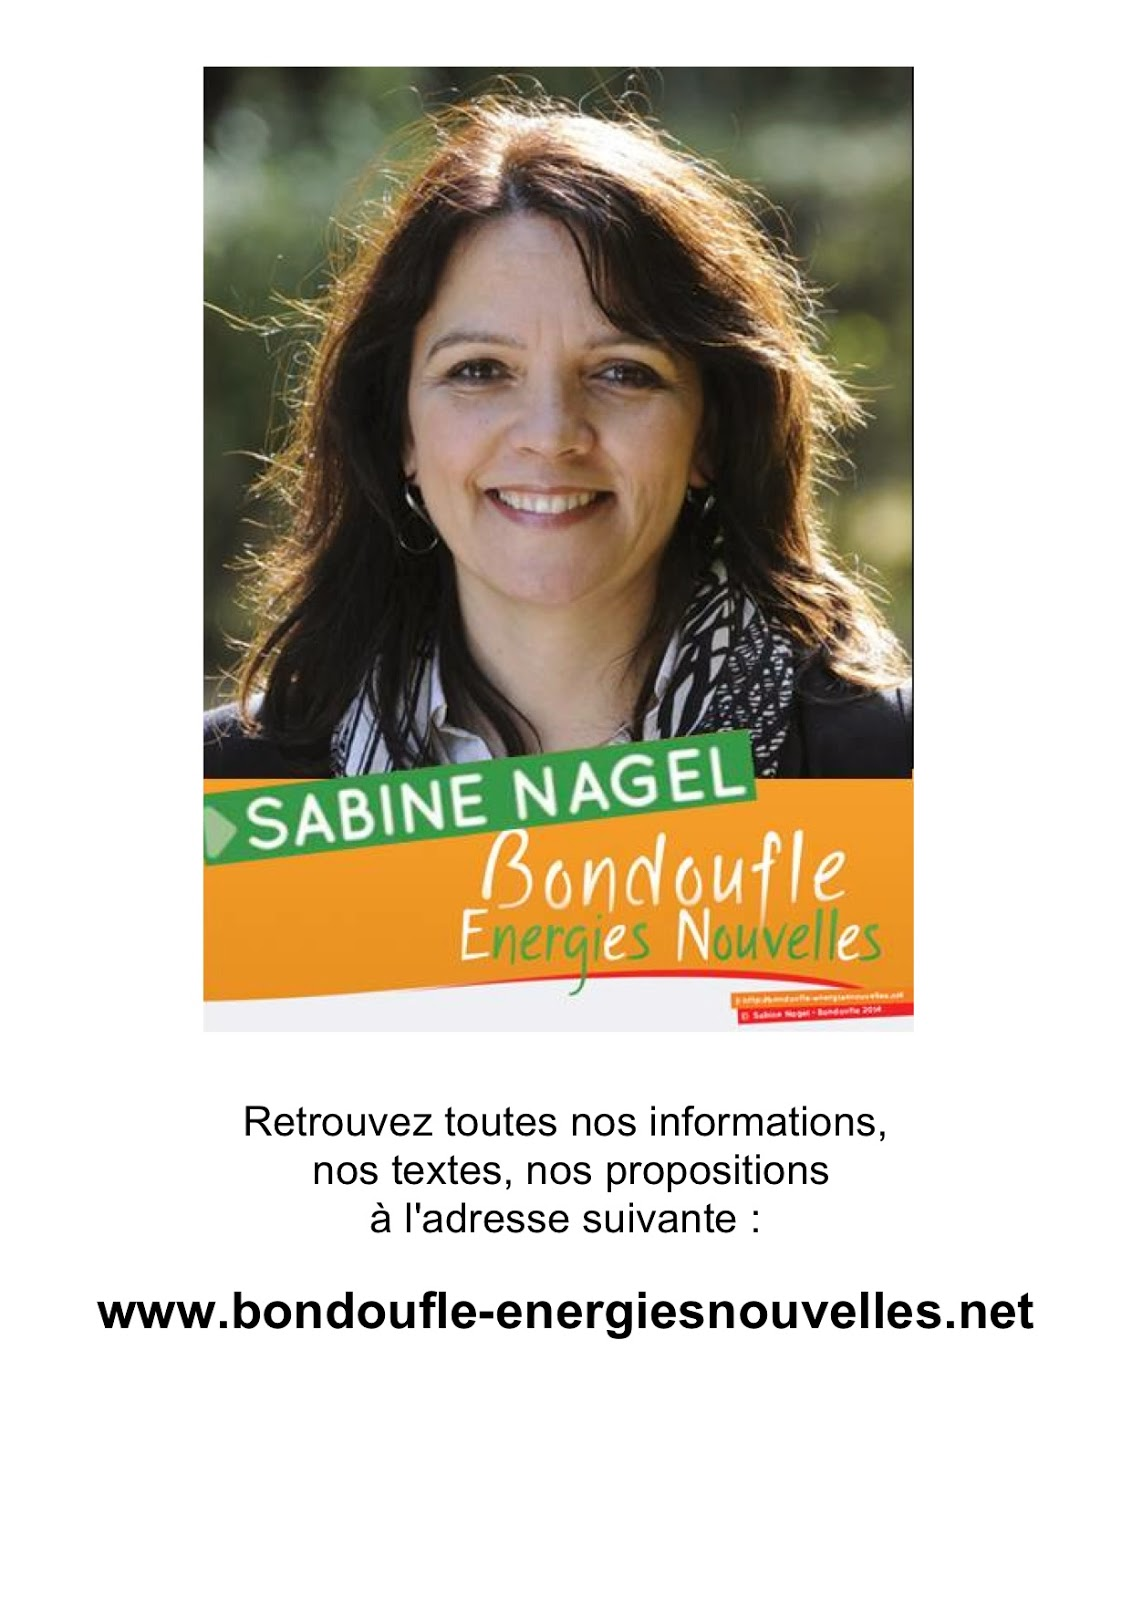 www.bondoufle-energiesnouvelles.net